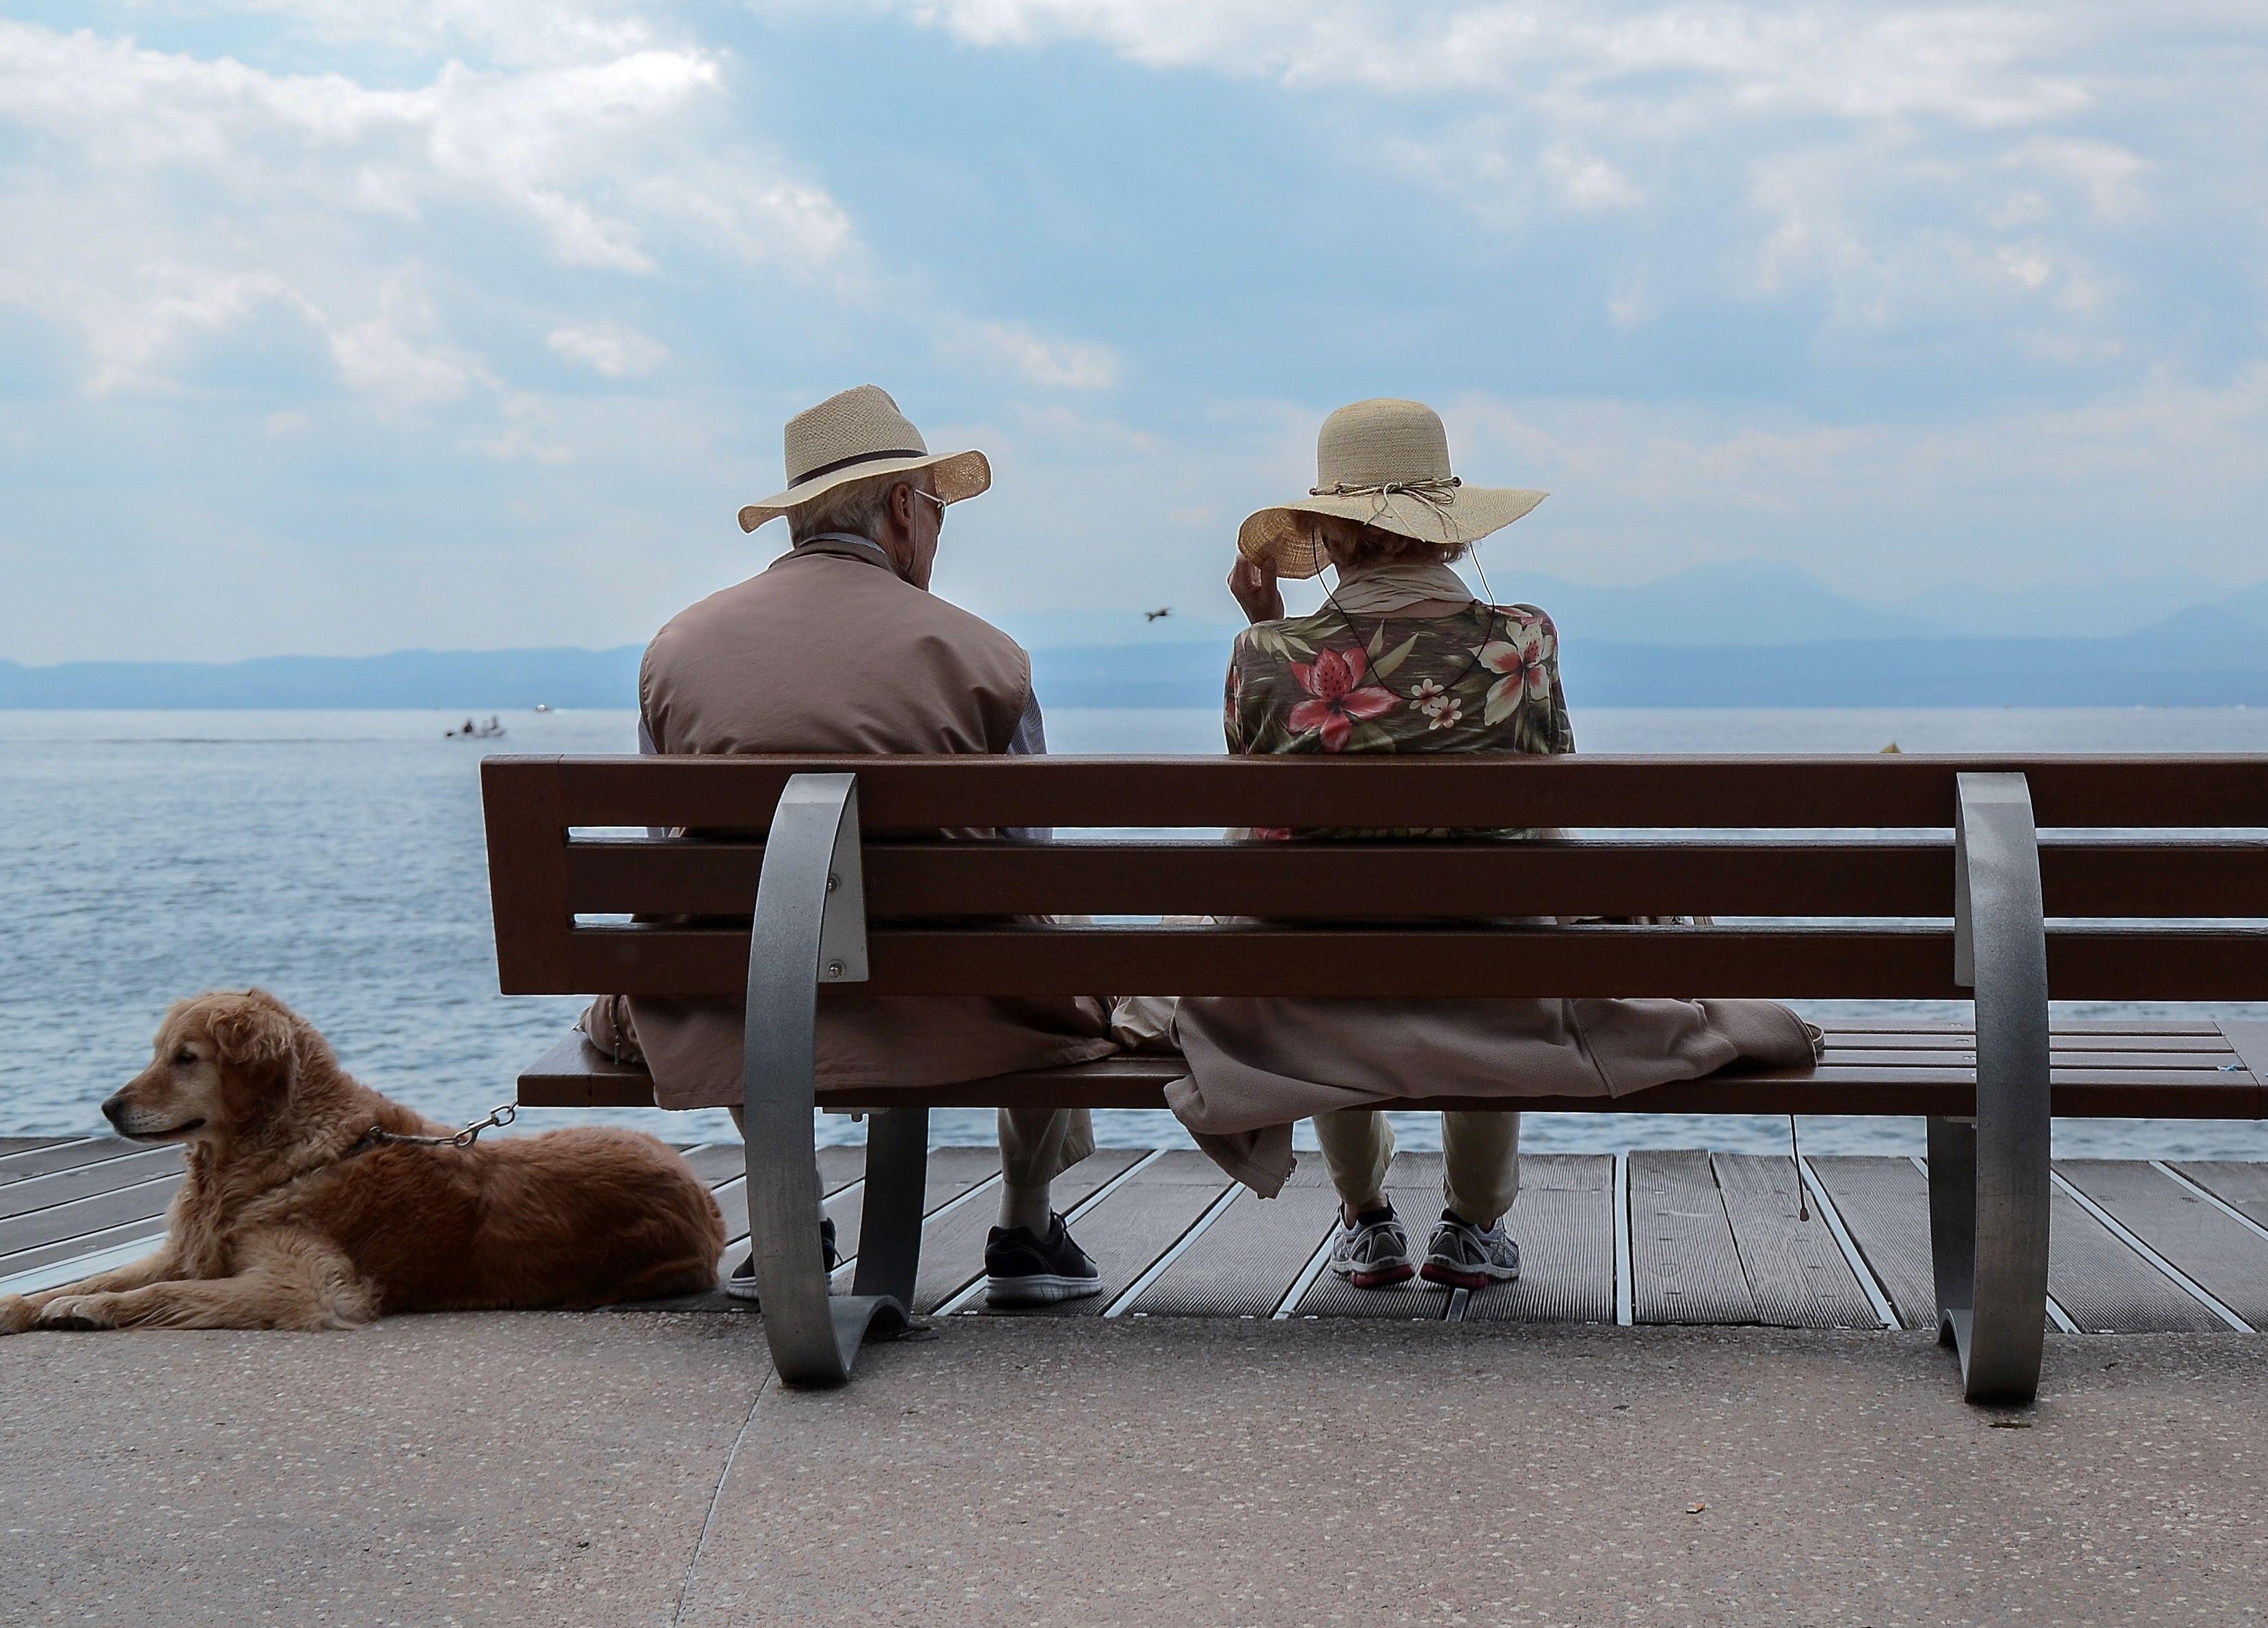 介護は誰が看る?東京海上日動あんしん生命「長生き支援終身」の解析